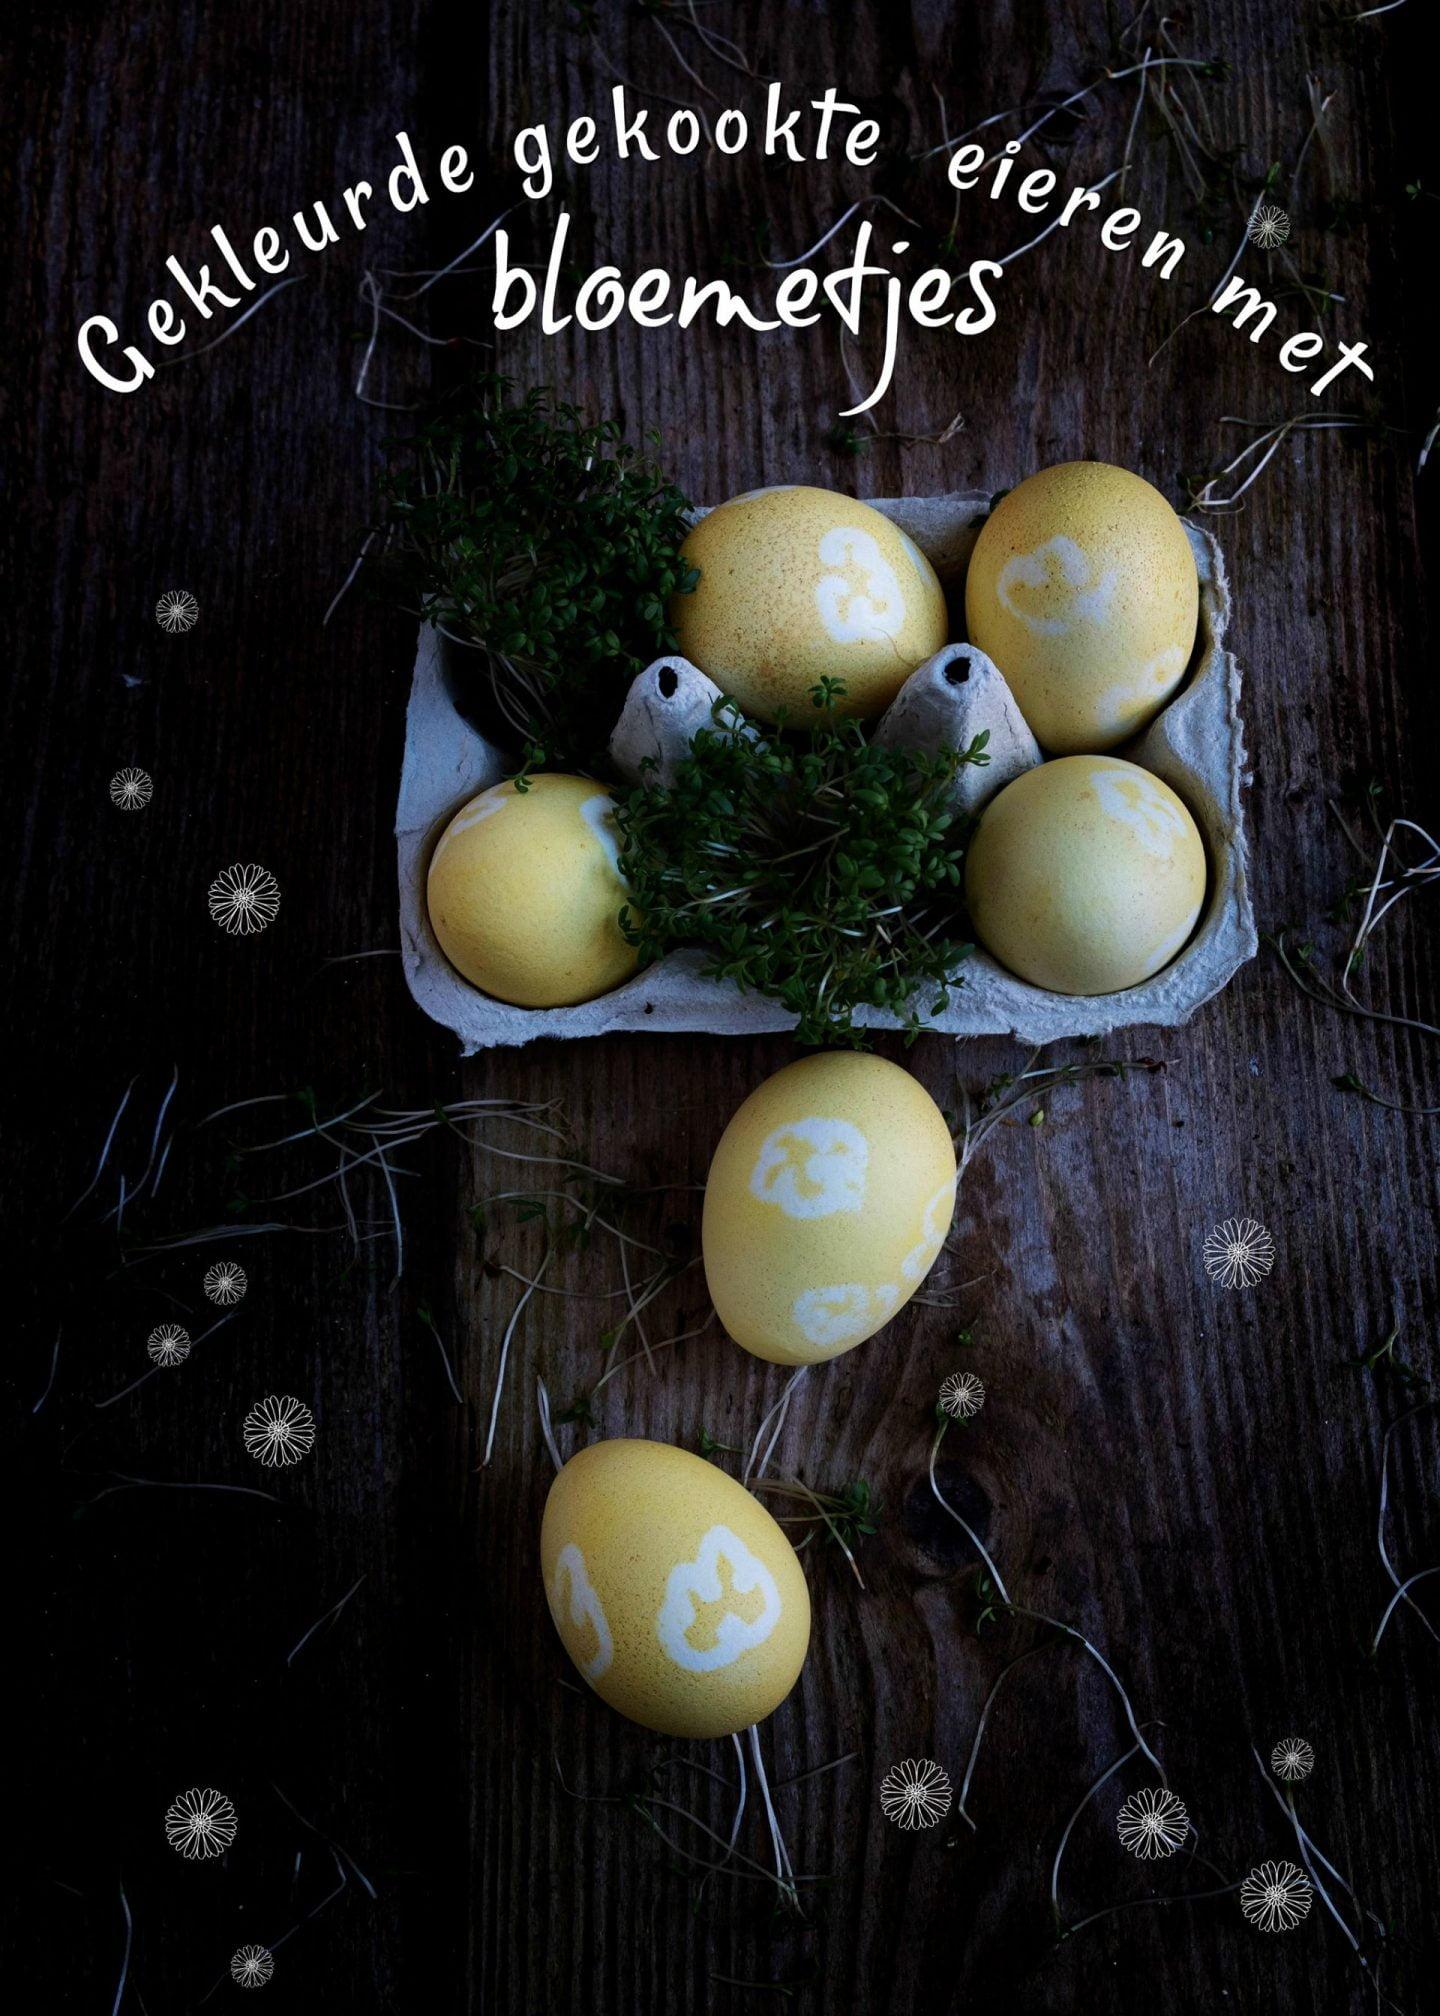 Gekleurde gekookte eieren met bloemetjes - Pasen